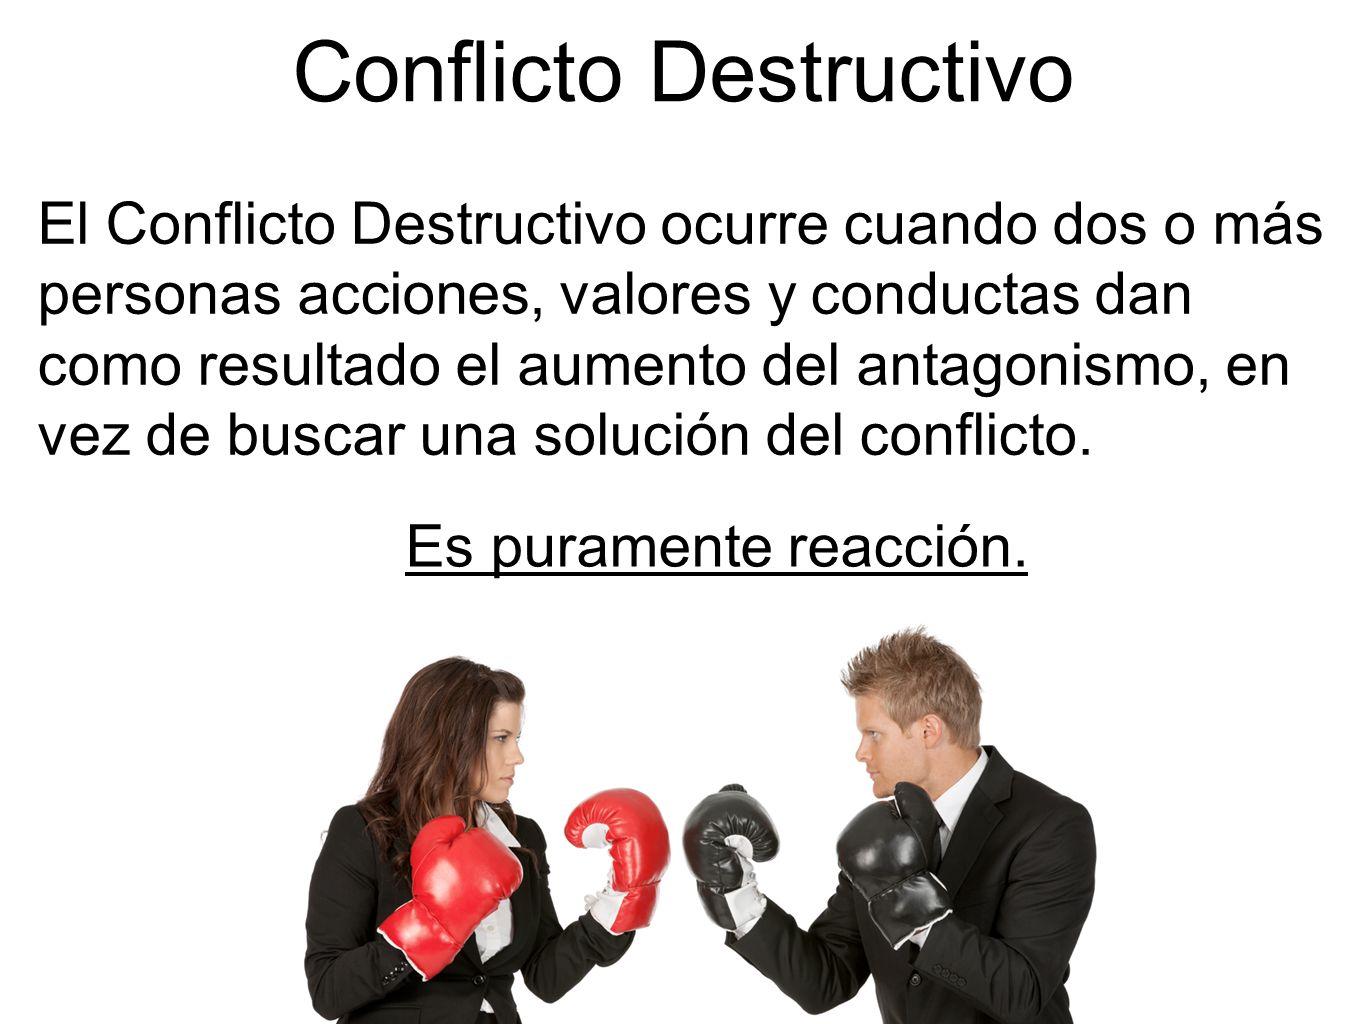 El Conflicto Destructivo ocurre cuando dos o más personas acciones, valores y conductas dan como resultado el aumento del antagonismo, en vez de busca